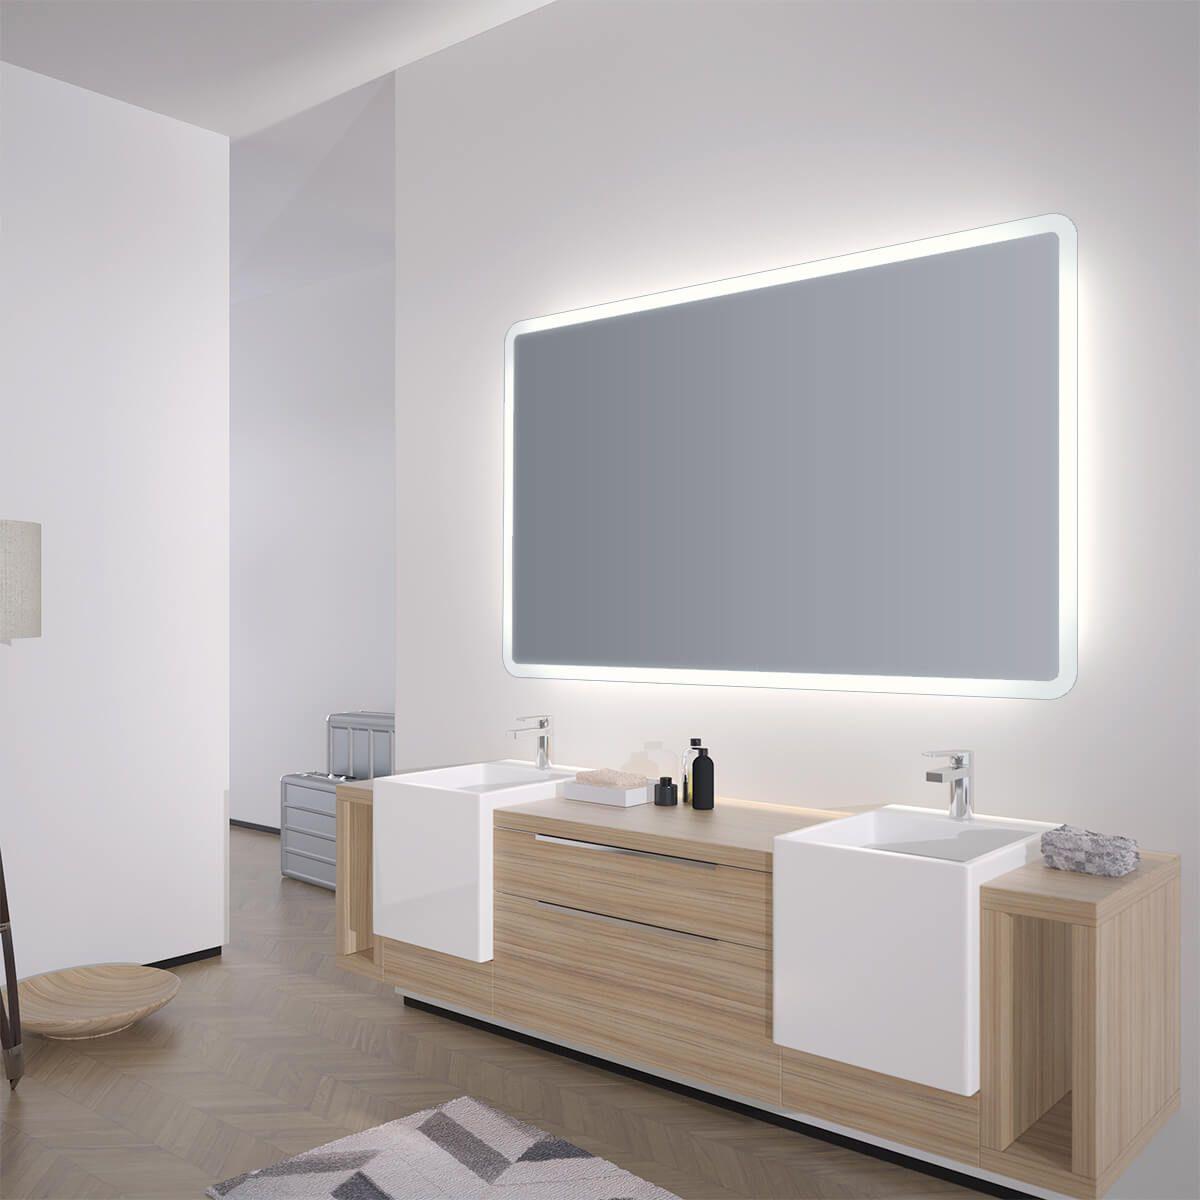 Spiegel Mit Abgerundeten Ecken Adela Spiegel Led Beleuchtung Badspiegel